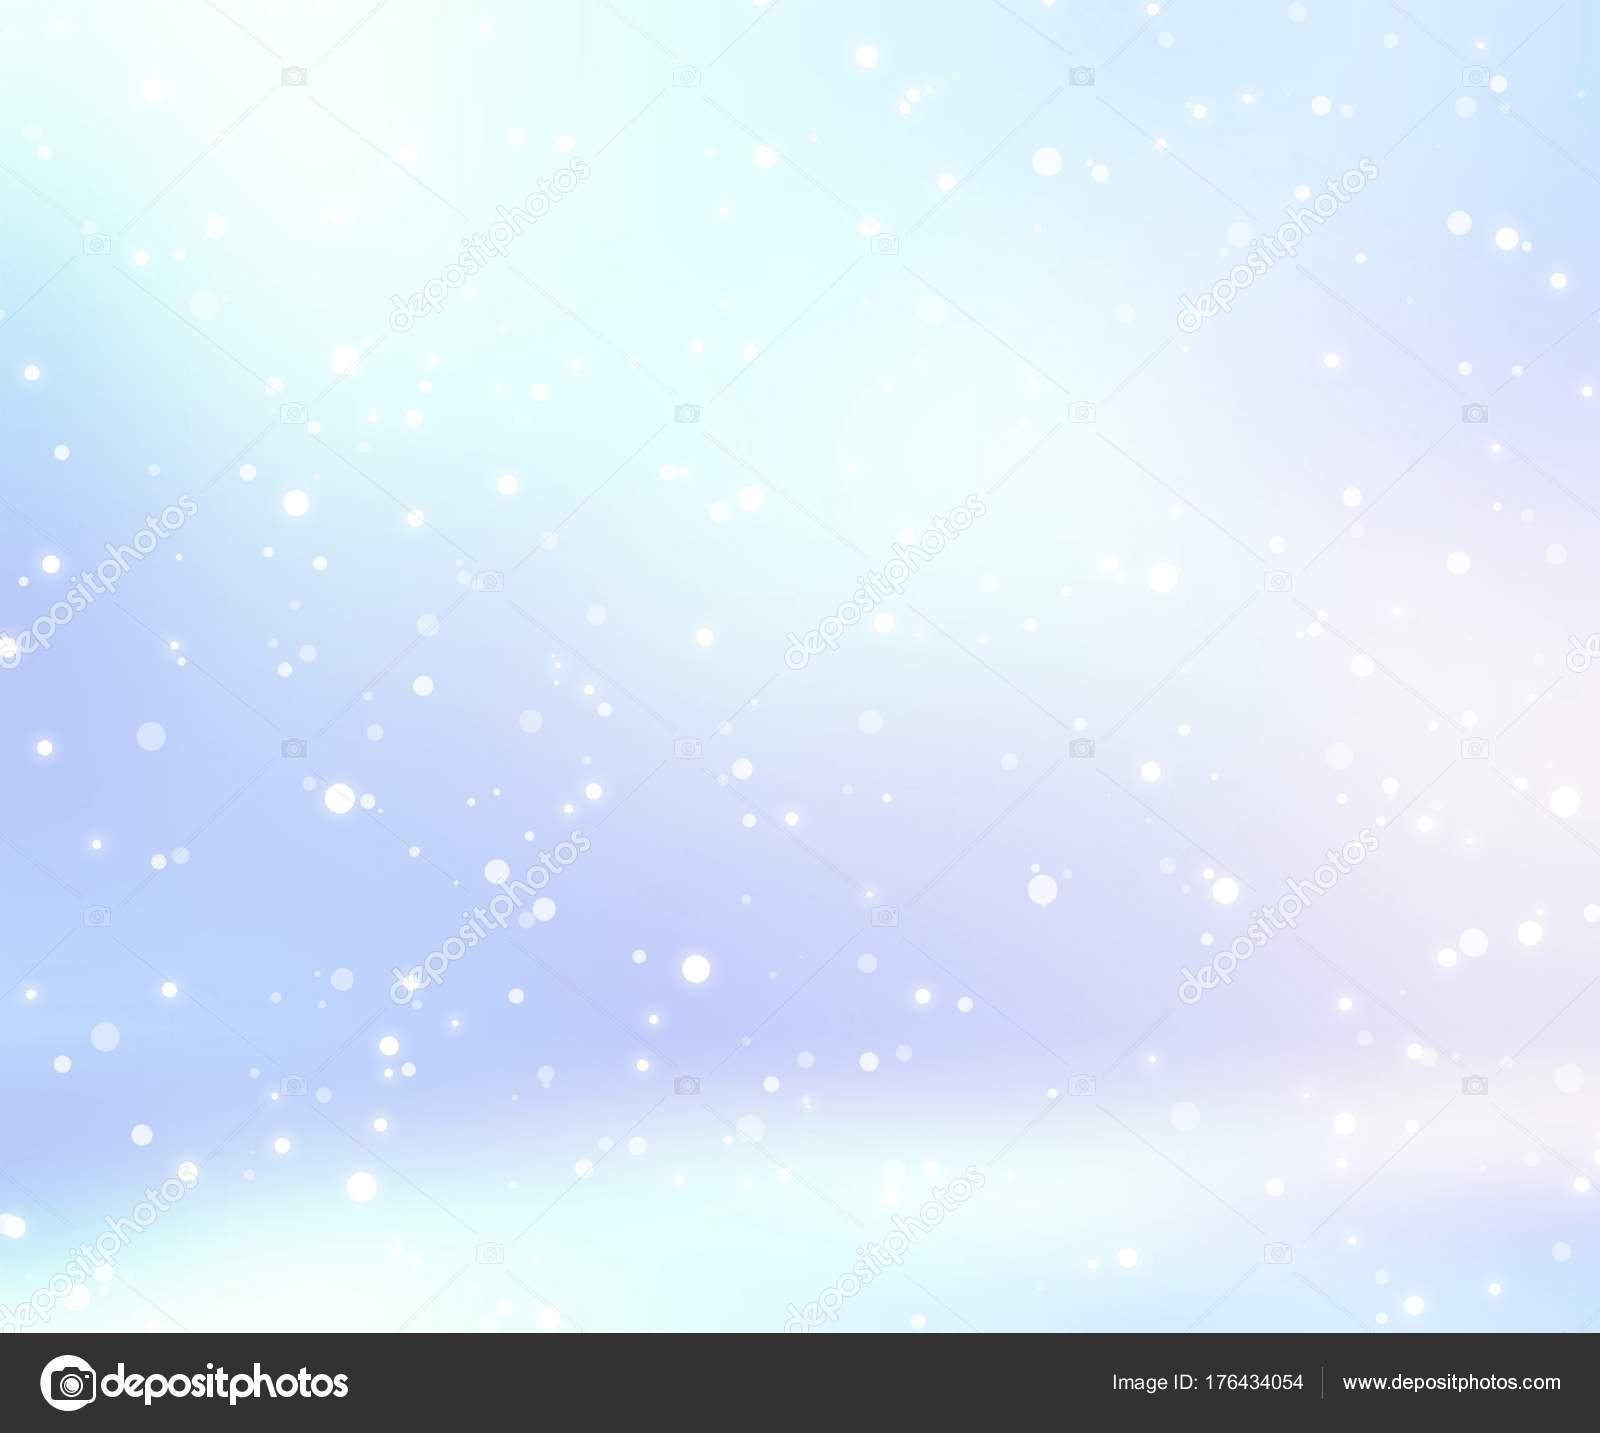 青光る空スペースに積雪 冬の装飾 光のインテリア イラスト 雪の背景